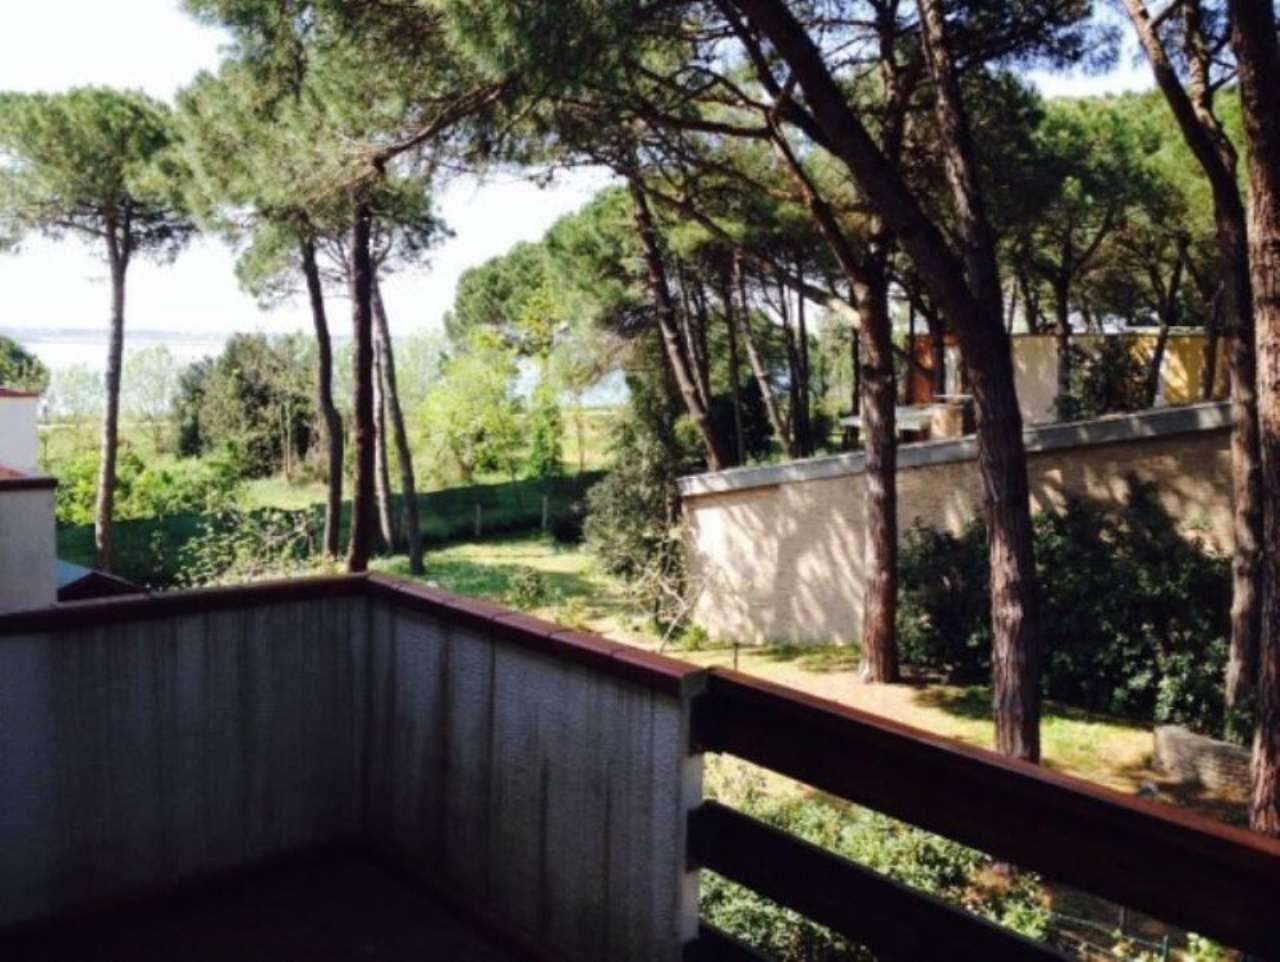 Villa in Vendita a Ravenna Centro: 5 locali, 120 mq